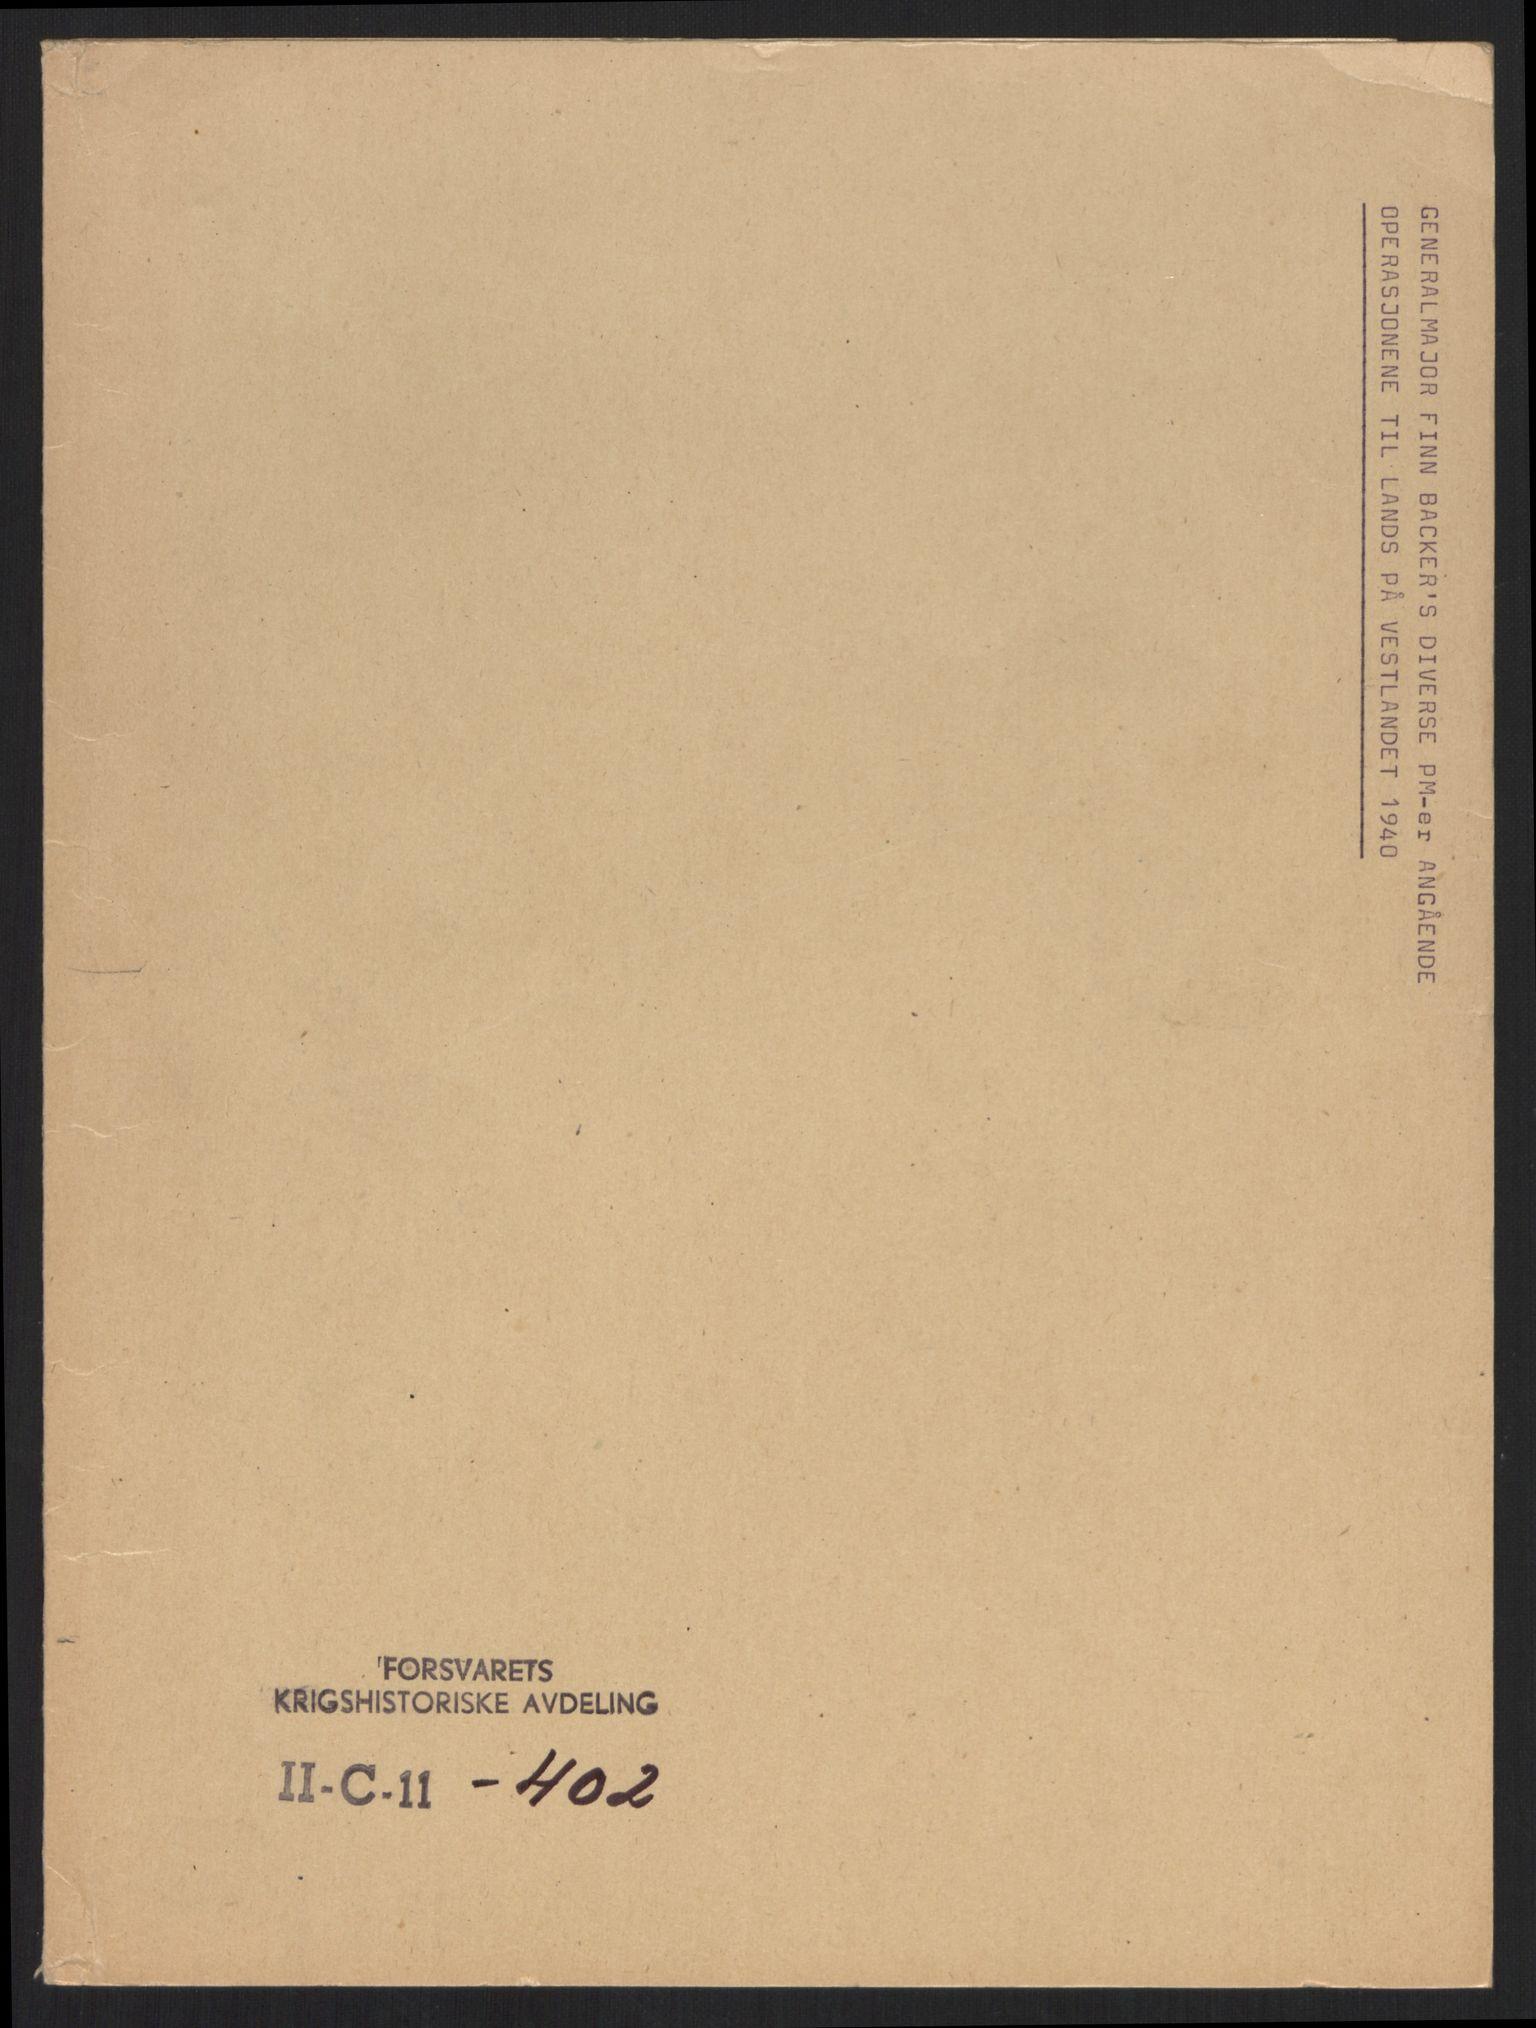 RA, Forsvaret, Forsvarets krigshistoriske avdeling, Y/Yb/L0100: II-C-11-401-402  -  4. Divisjon., 1940-1962, s. 255